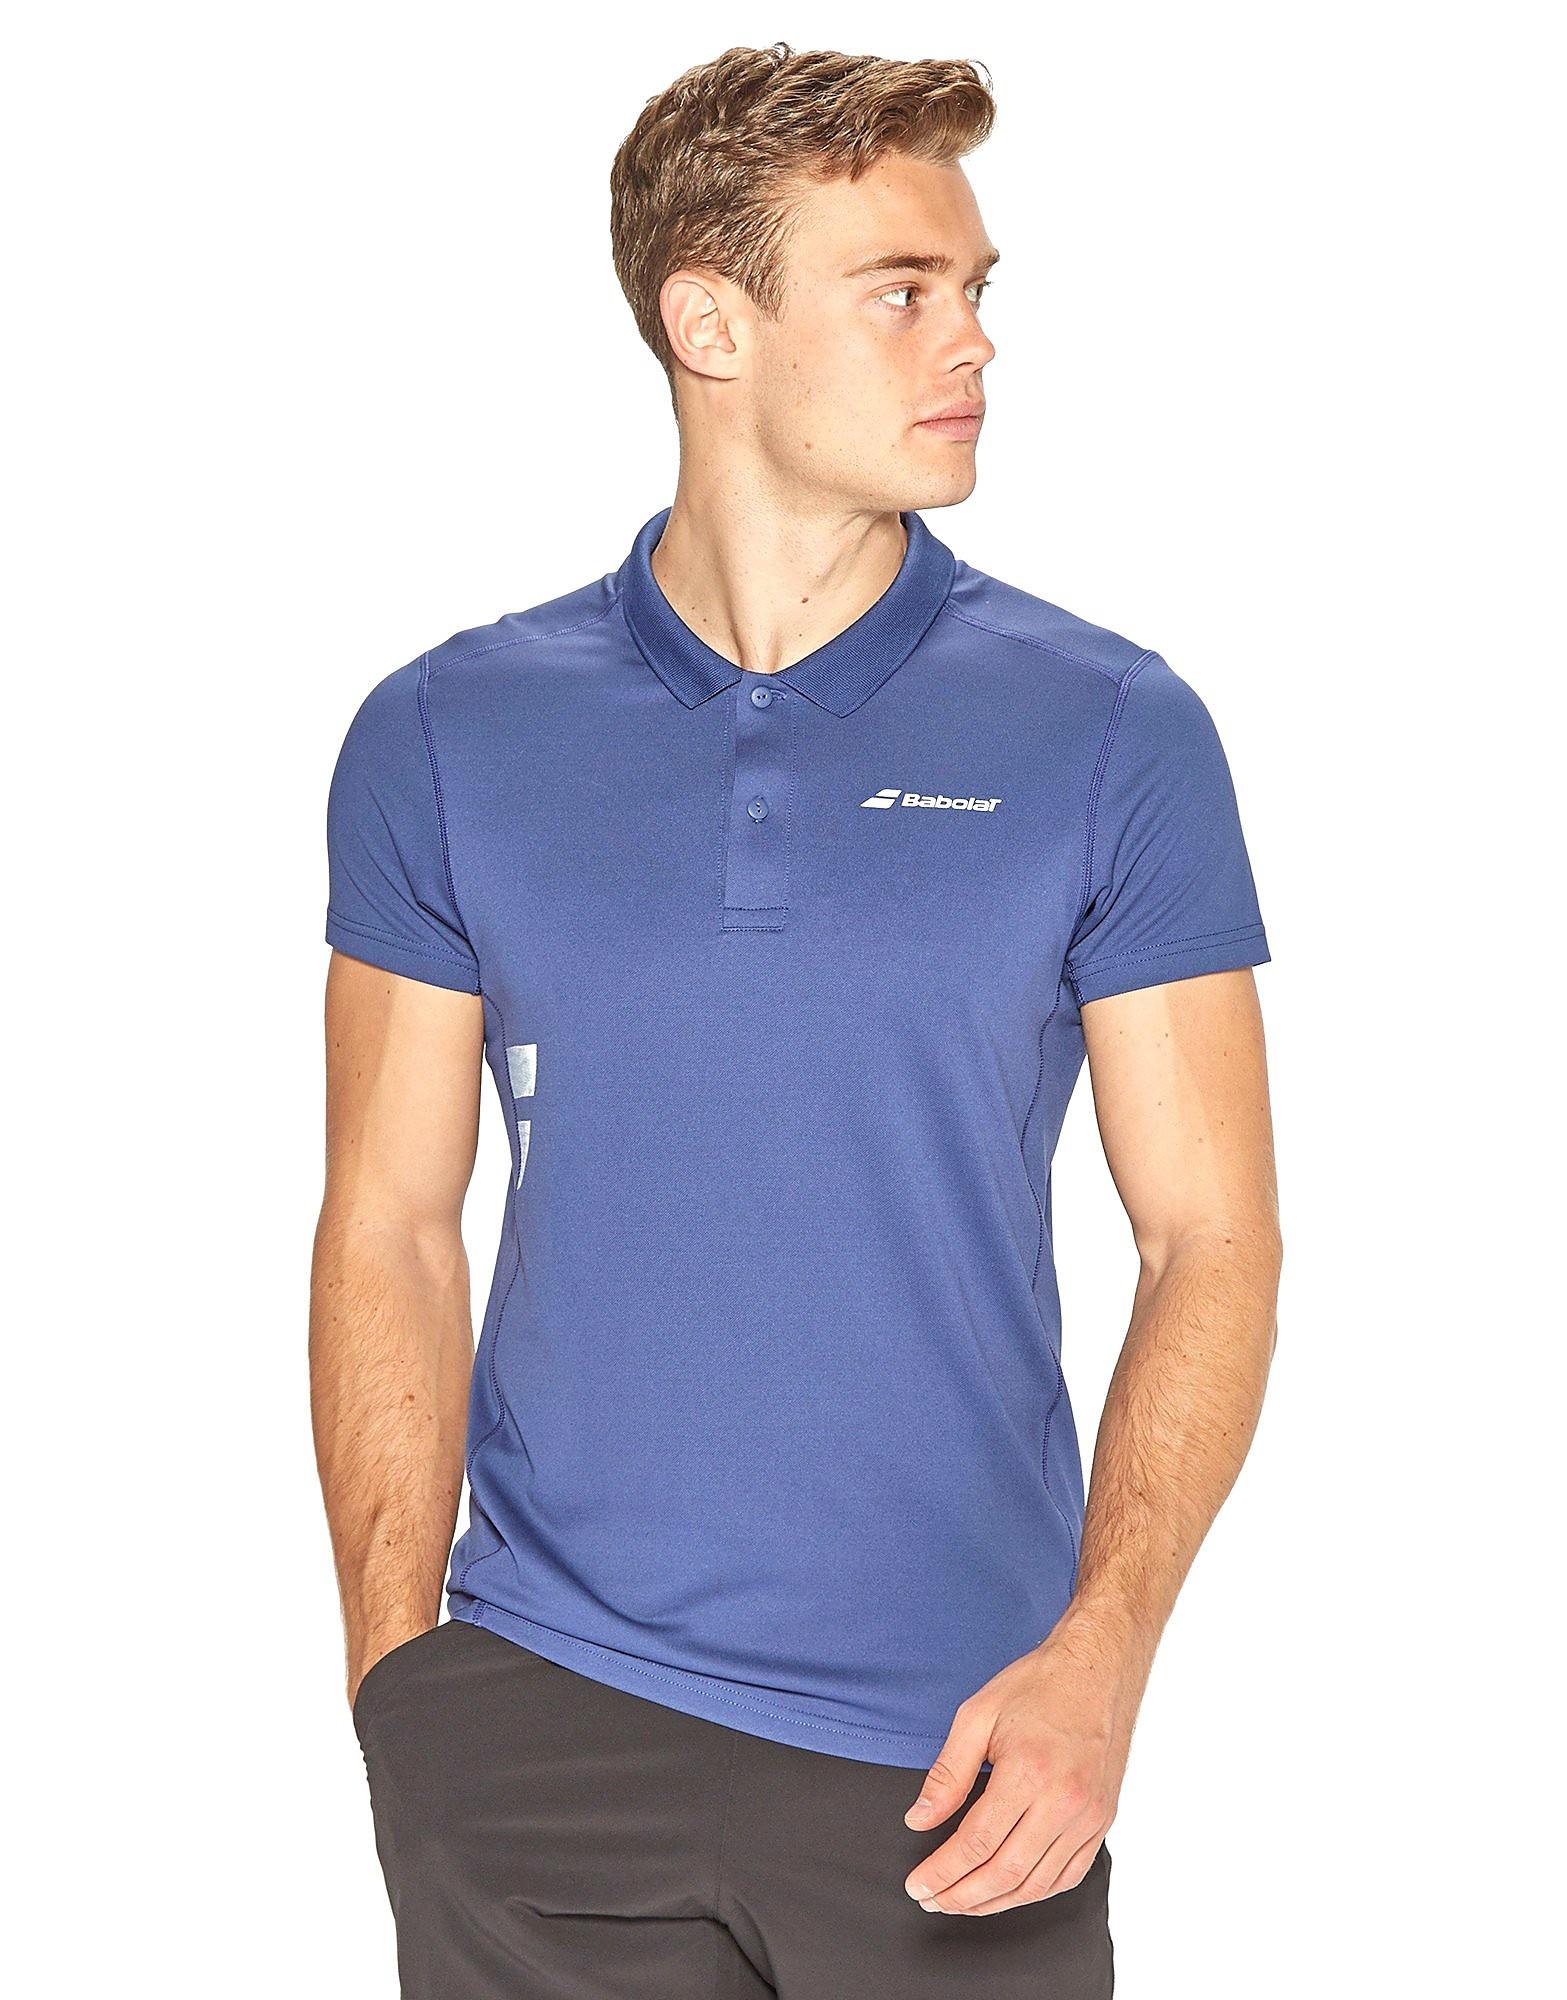 Babolat Core Poly Pique Polo Shirt